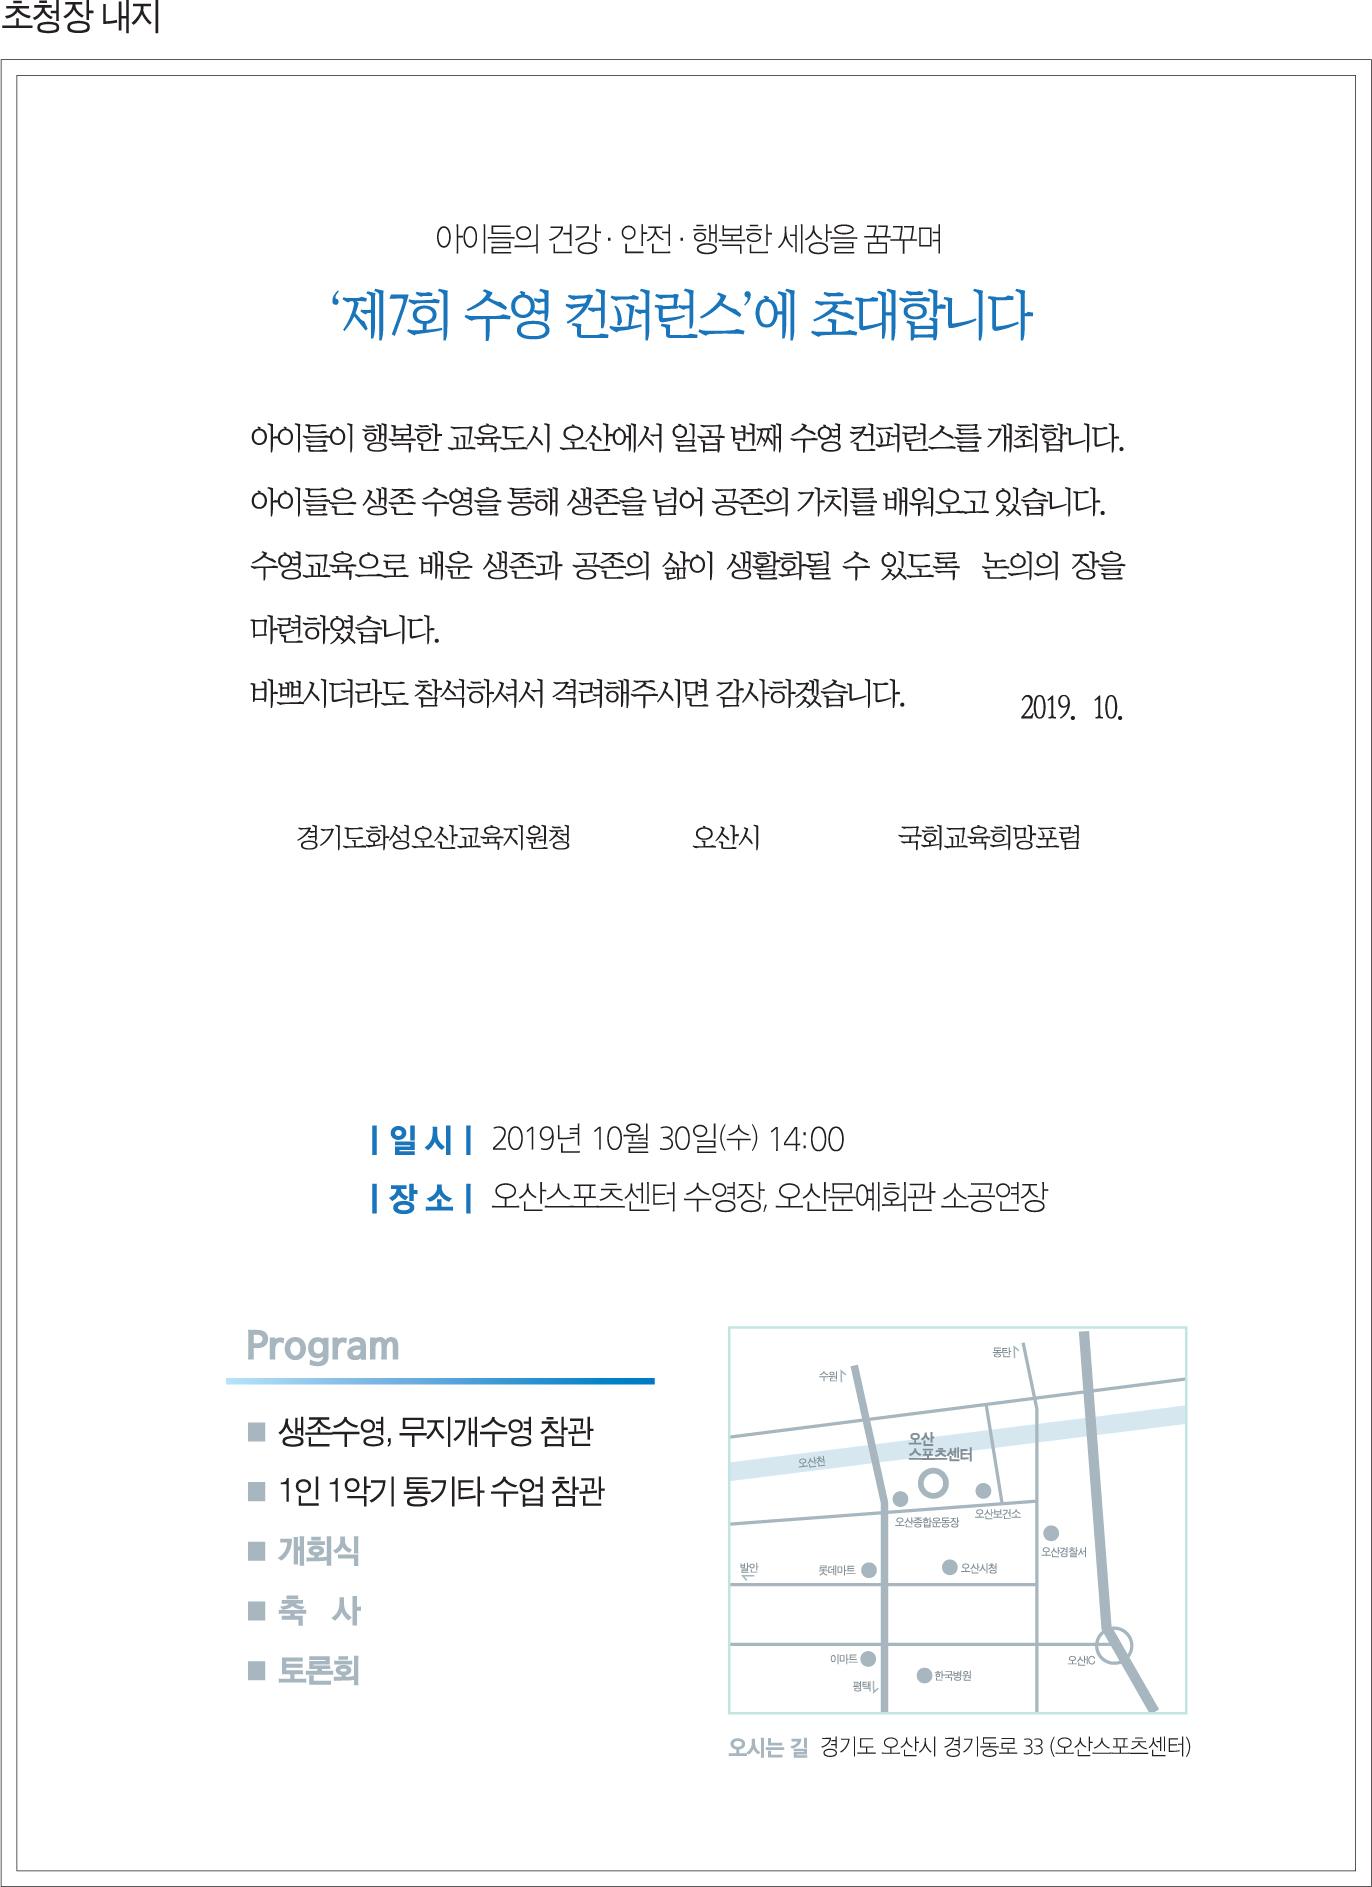 [일반] 제7회 수영컨퍼런스 개최 안내의 첨부이미지 2